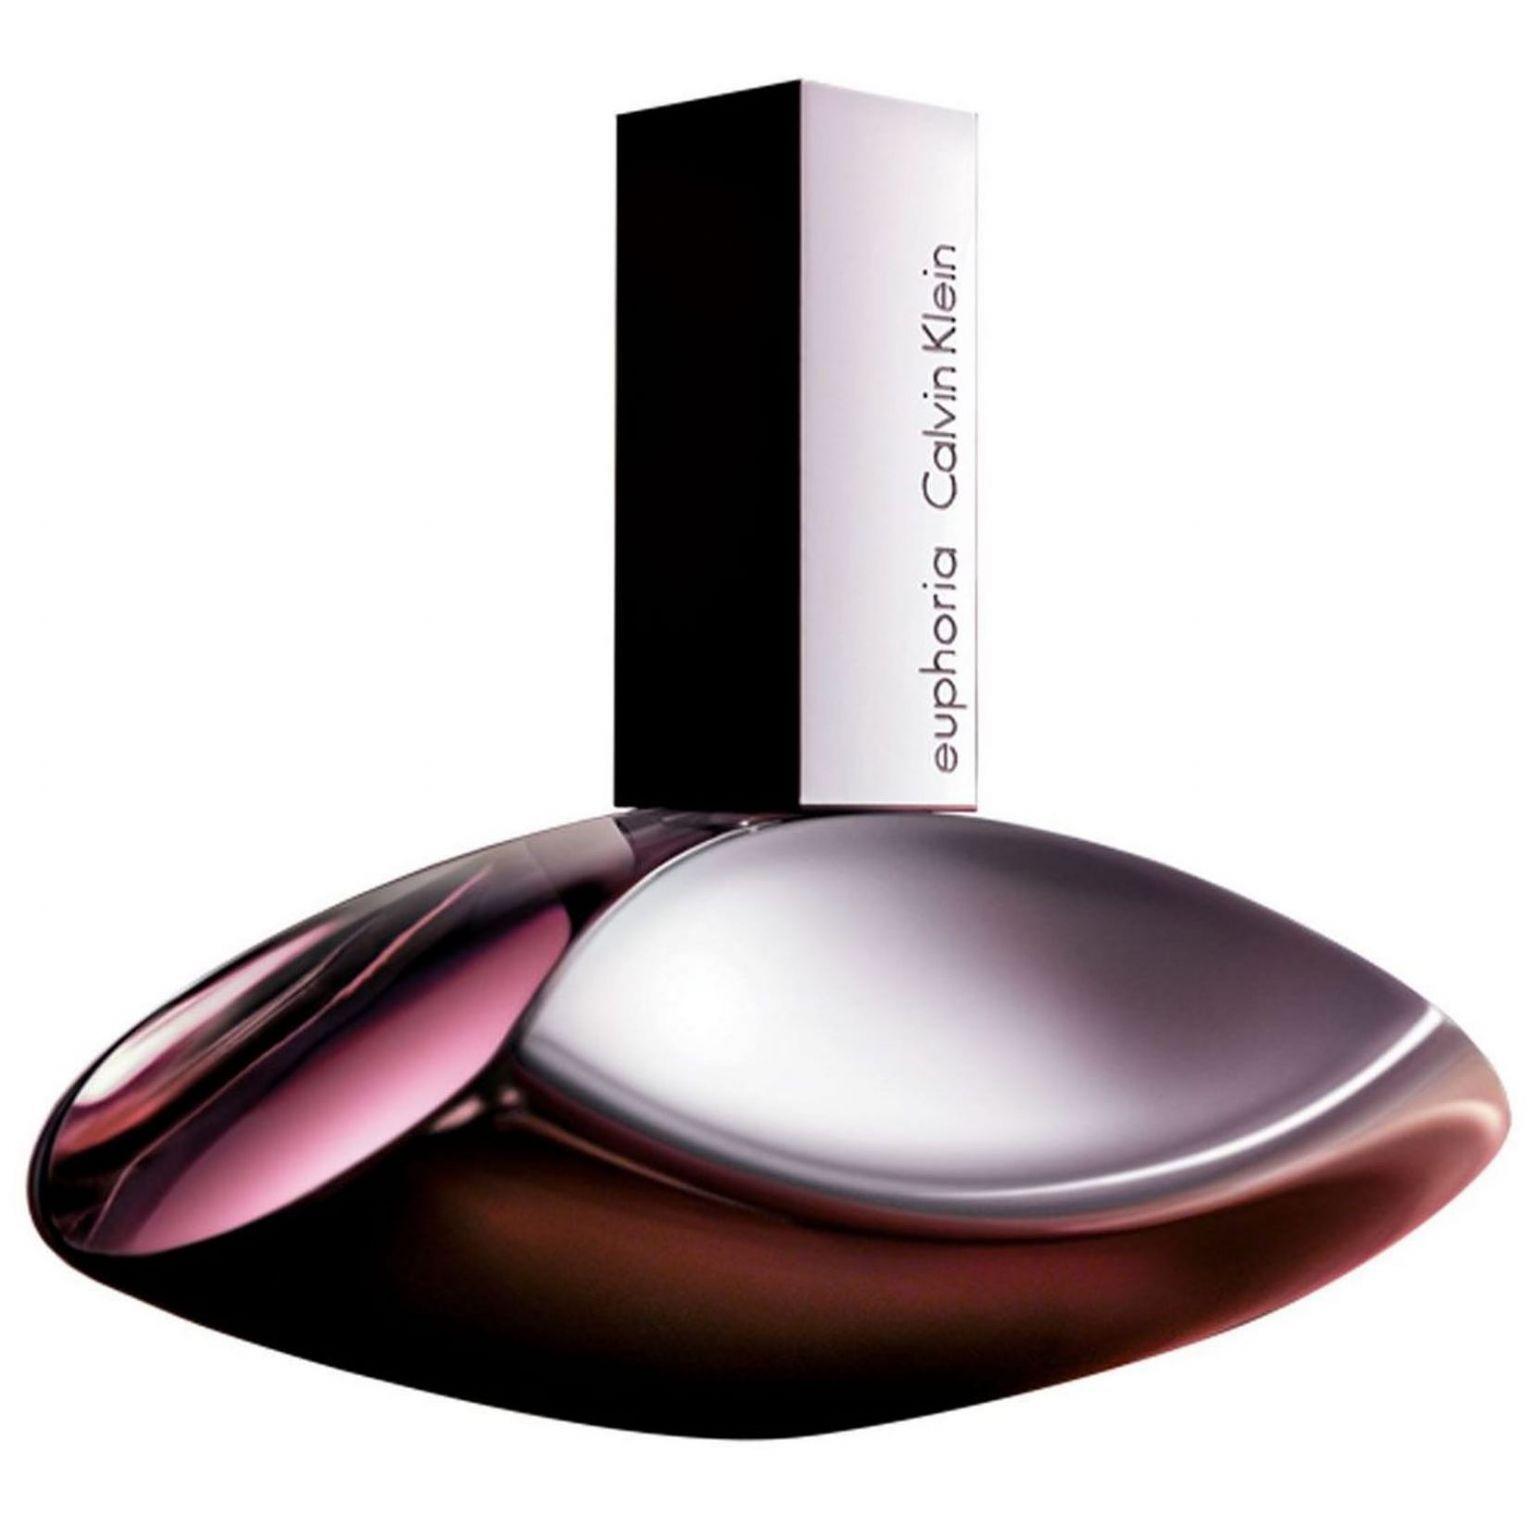 Euphoria Eau de Parfum